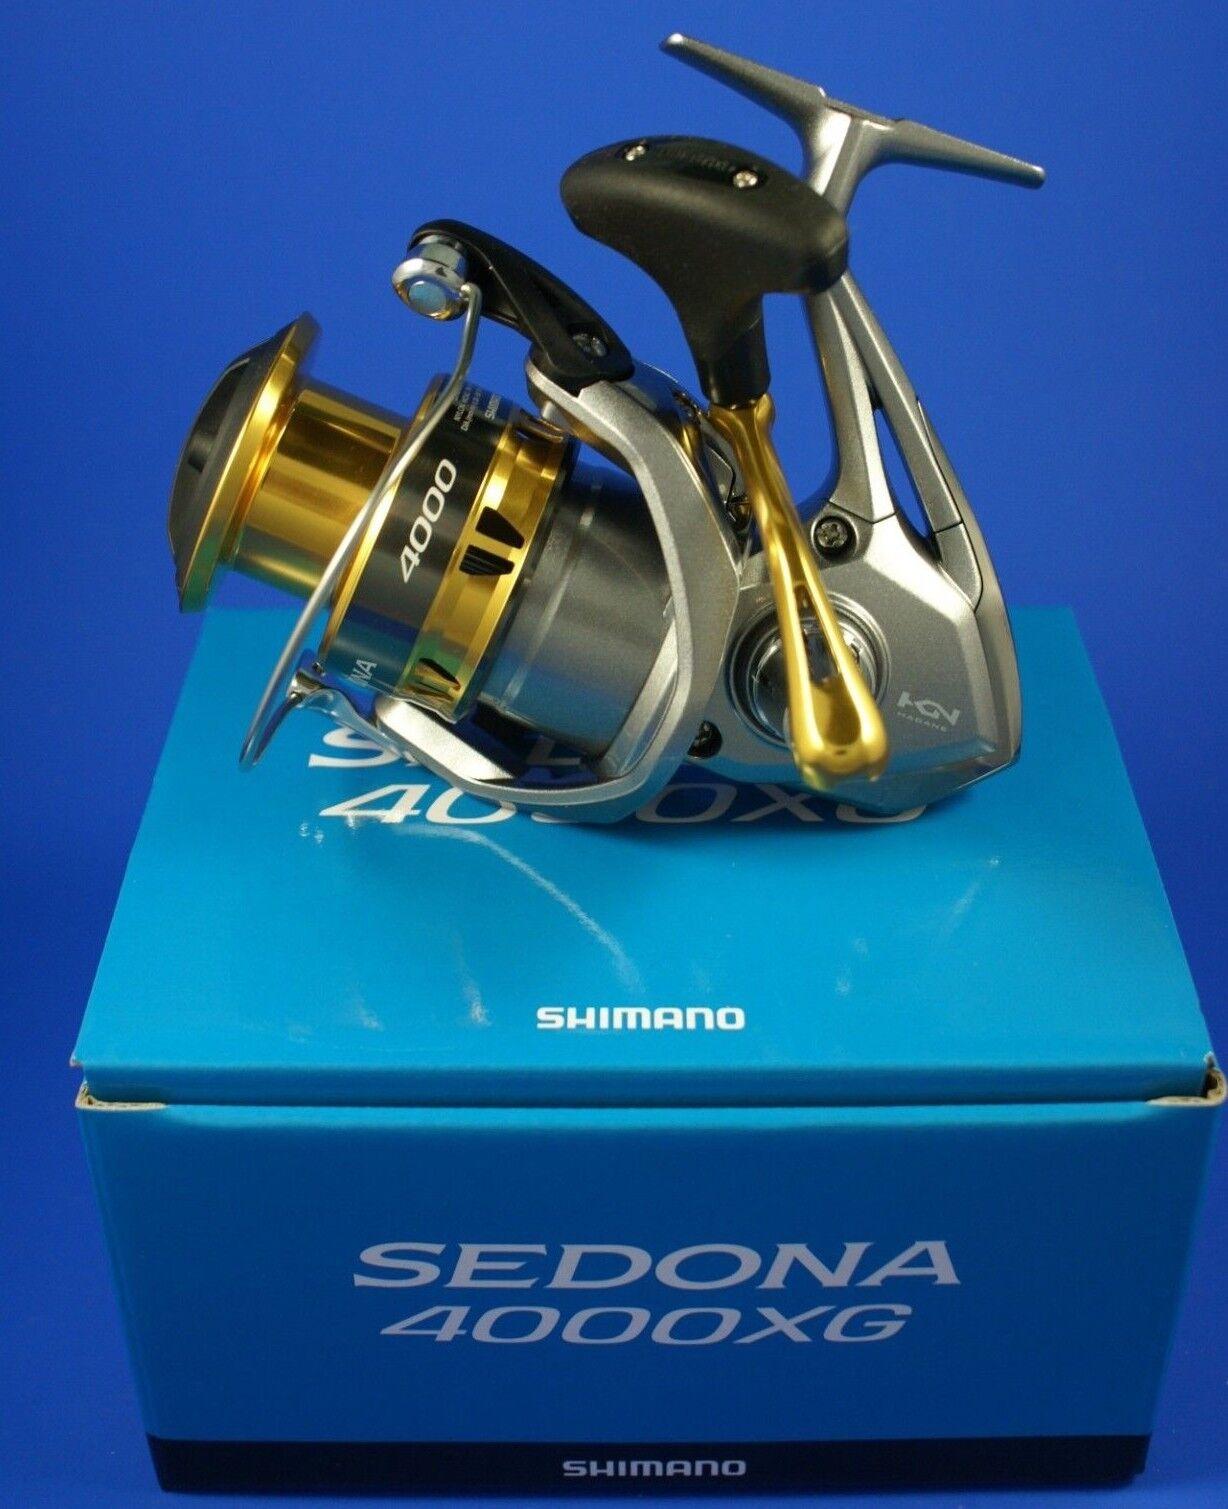 Shimano Sedona 4000XG FI    SE4000XGFI    Front Drag Fishing Reel